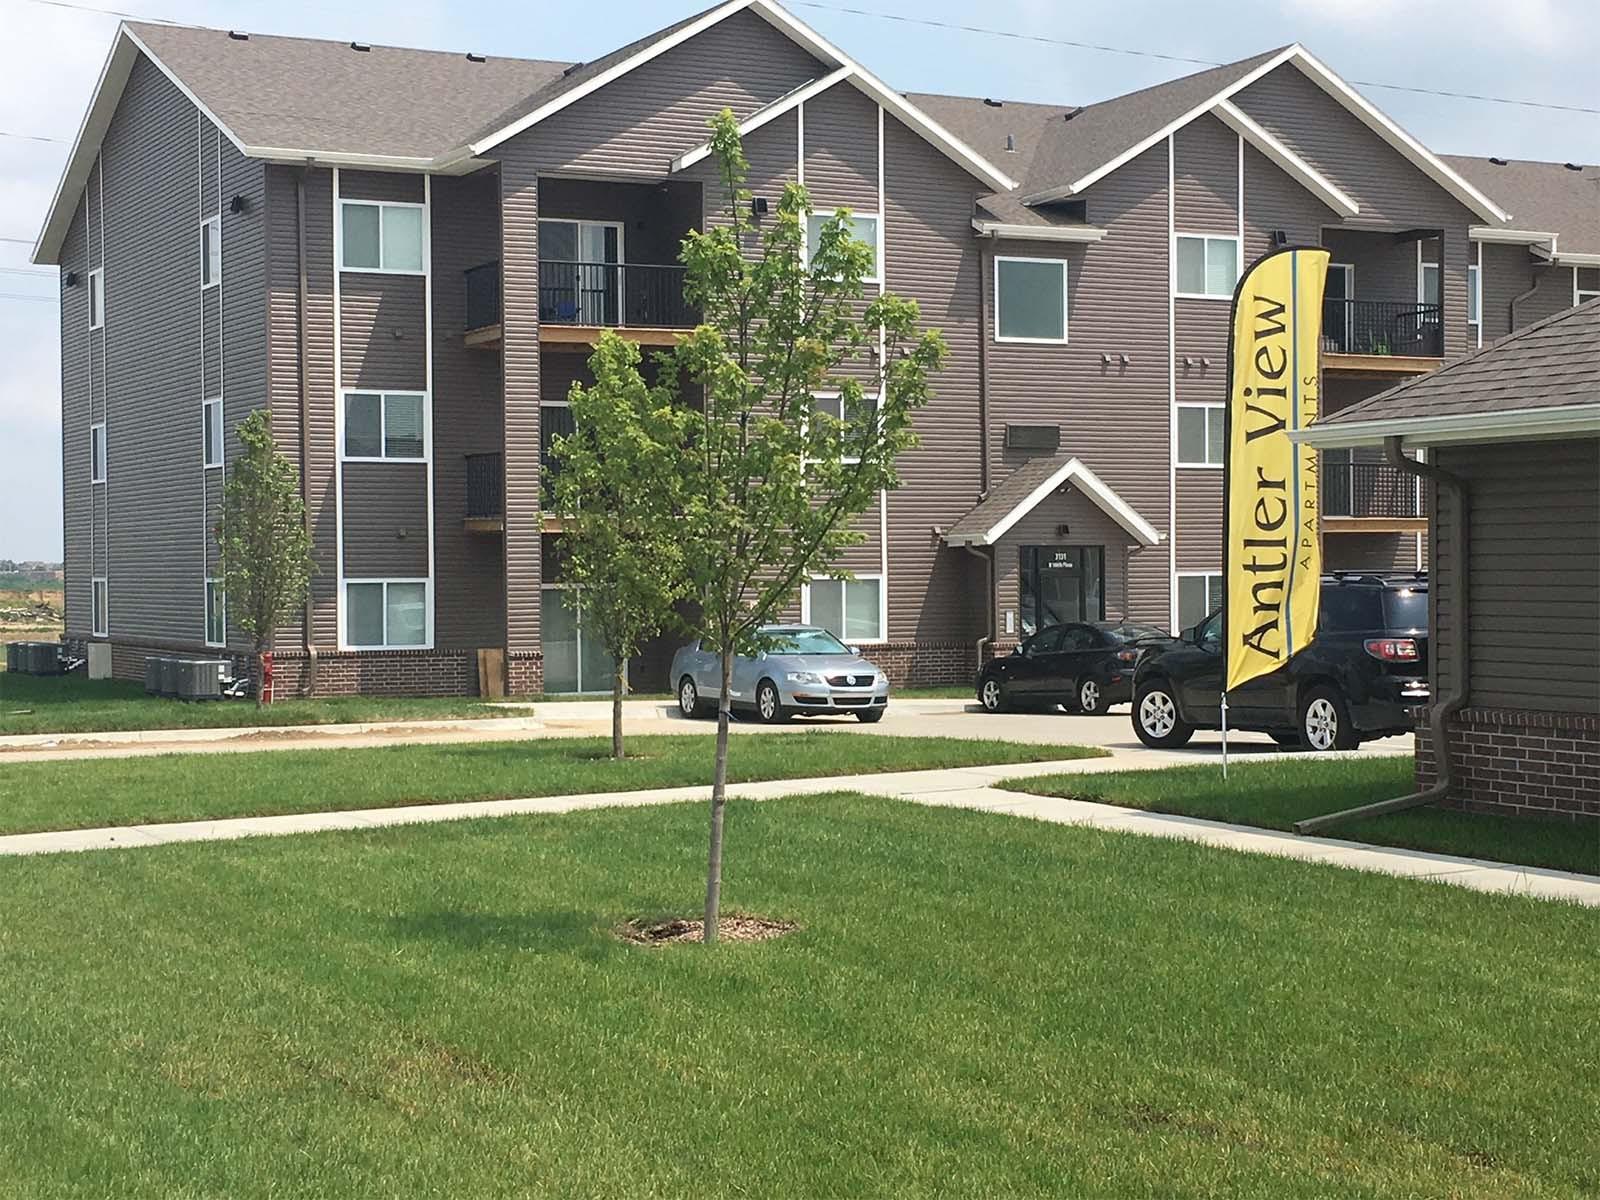 Apartments Near Nebraska Antler View Apartments for Nebraska Students in , NE